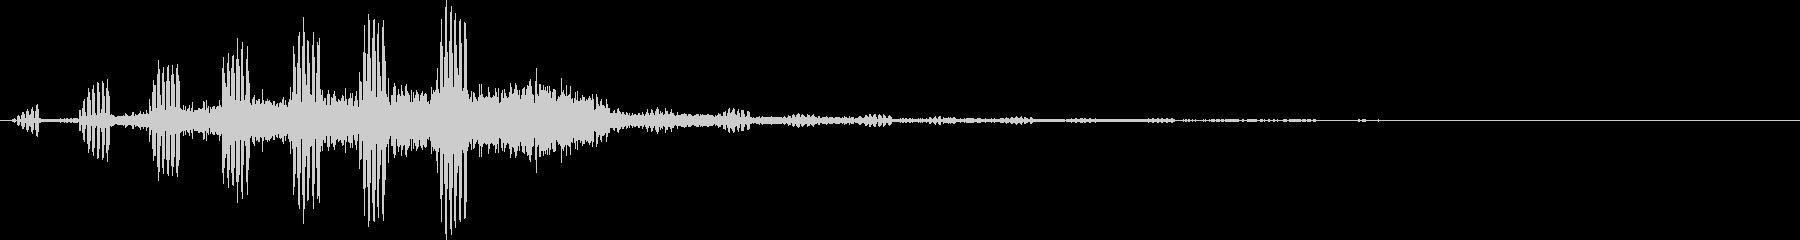 【虫】鈴虫_01の未再生の波形